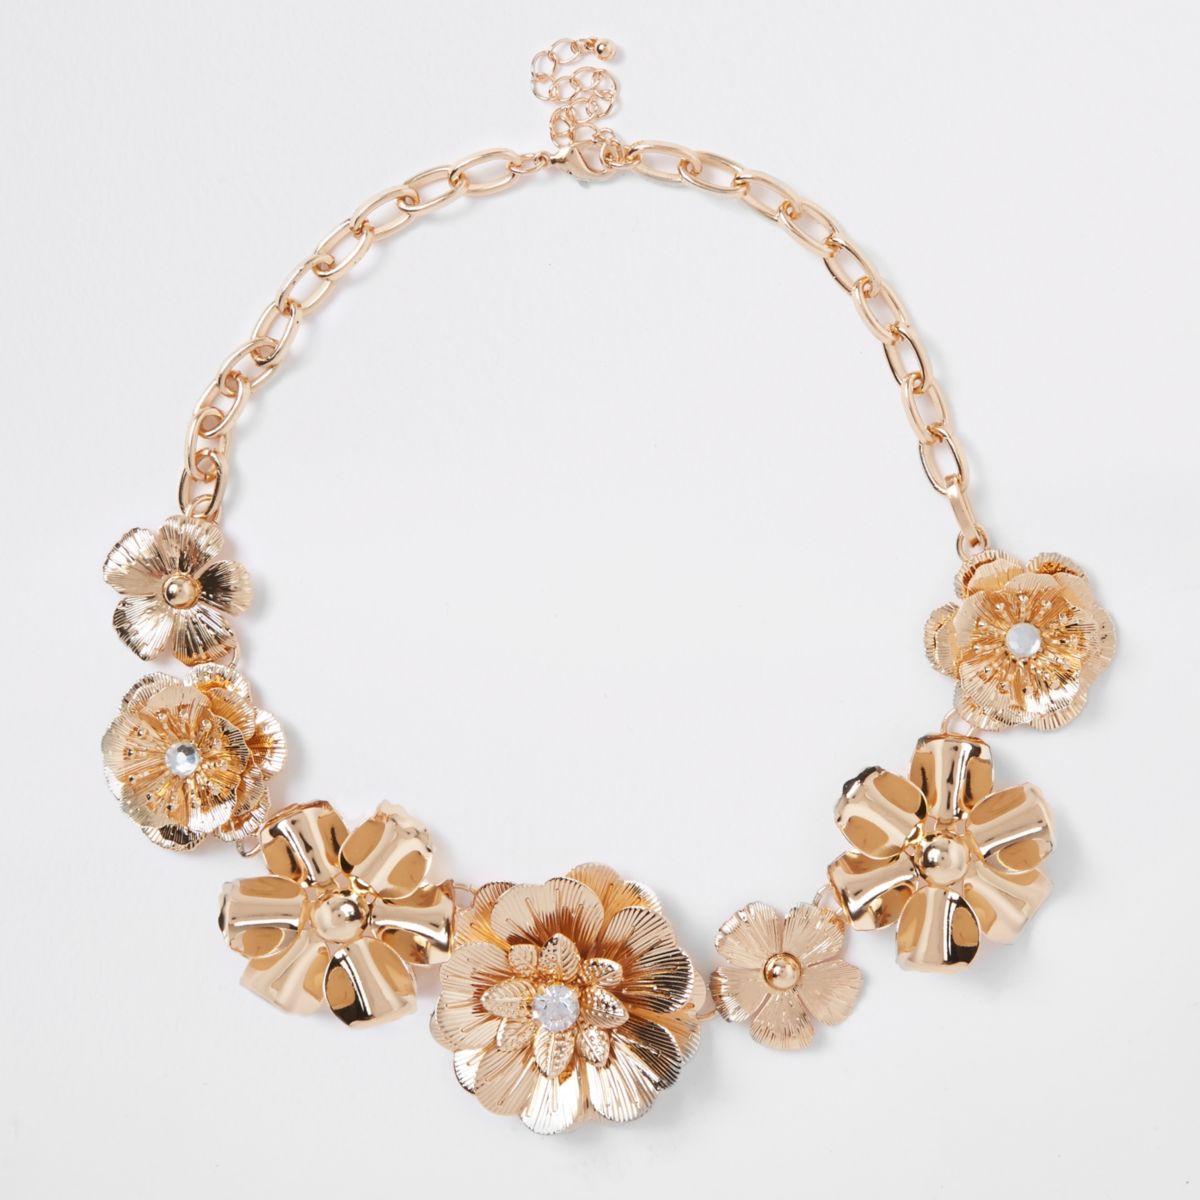 Gold tone flower embellished necklace